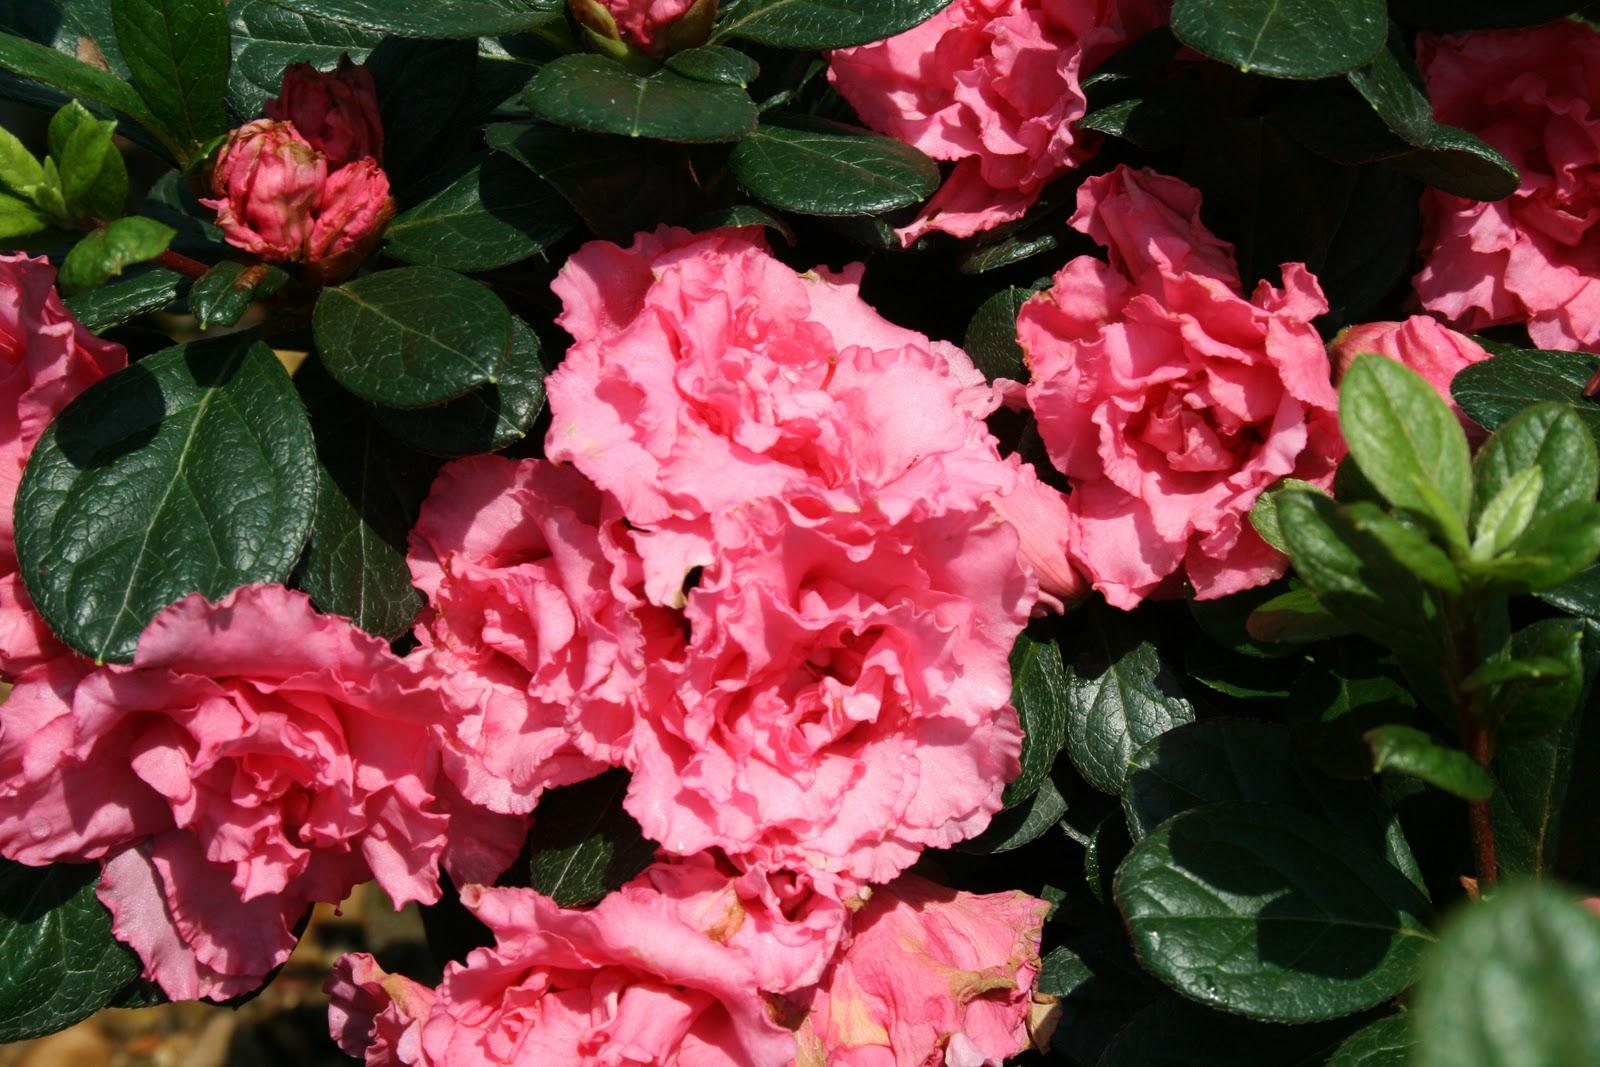 Crabapple LandscapExperts: Spring Flowering Shrubs, Part 2